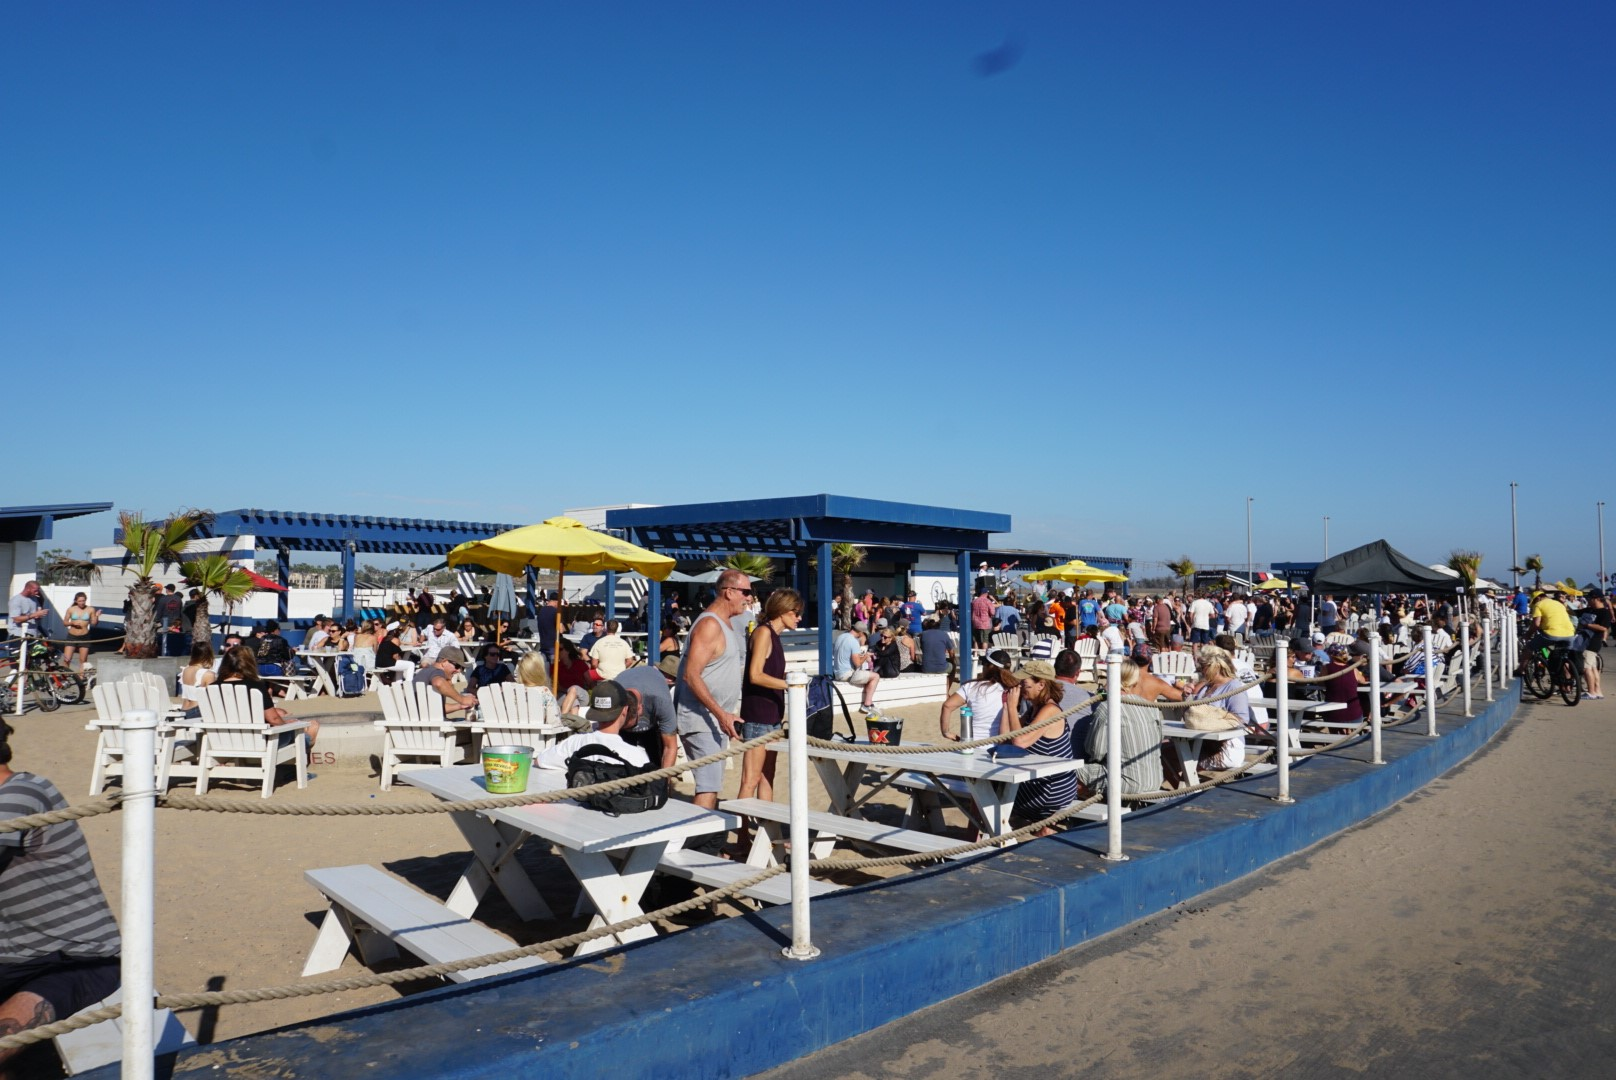 Sealegs at the Beach